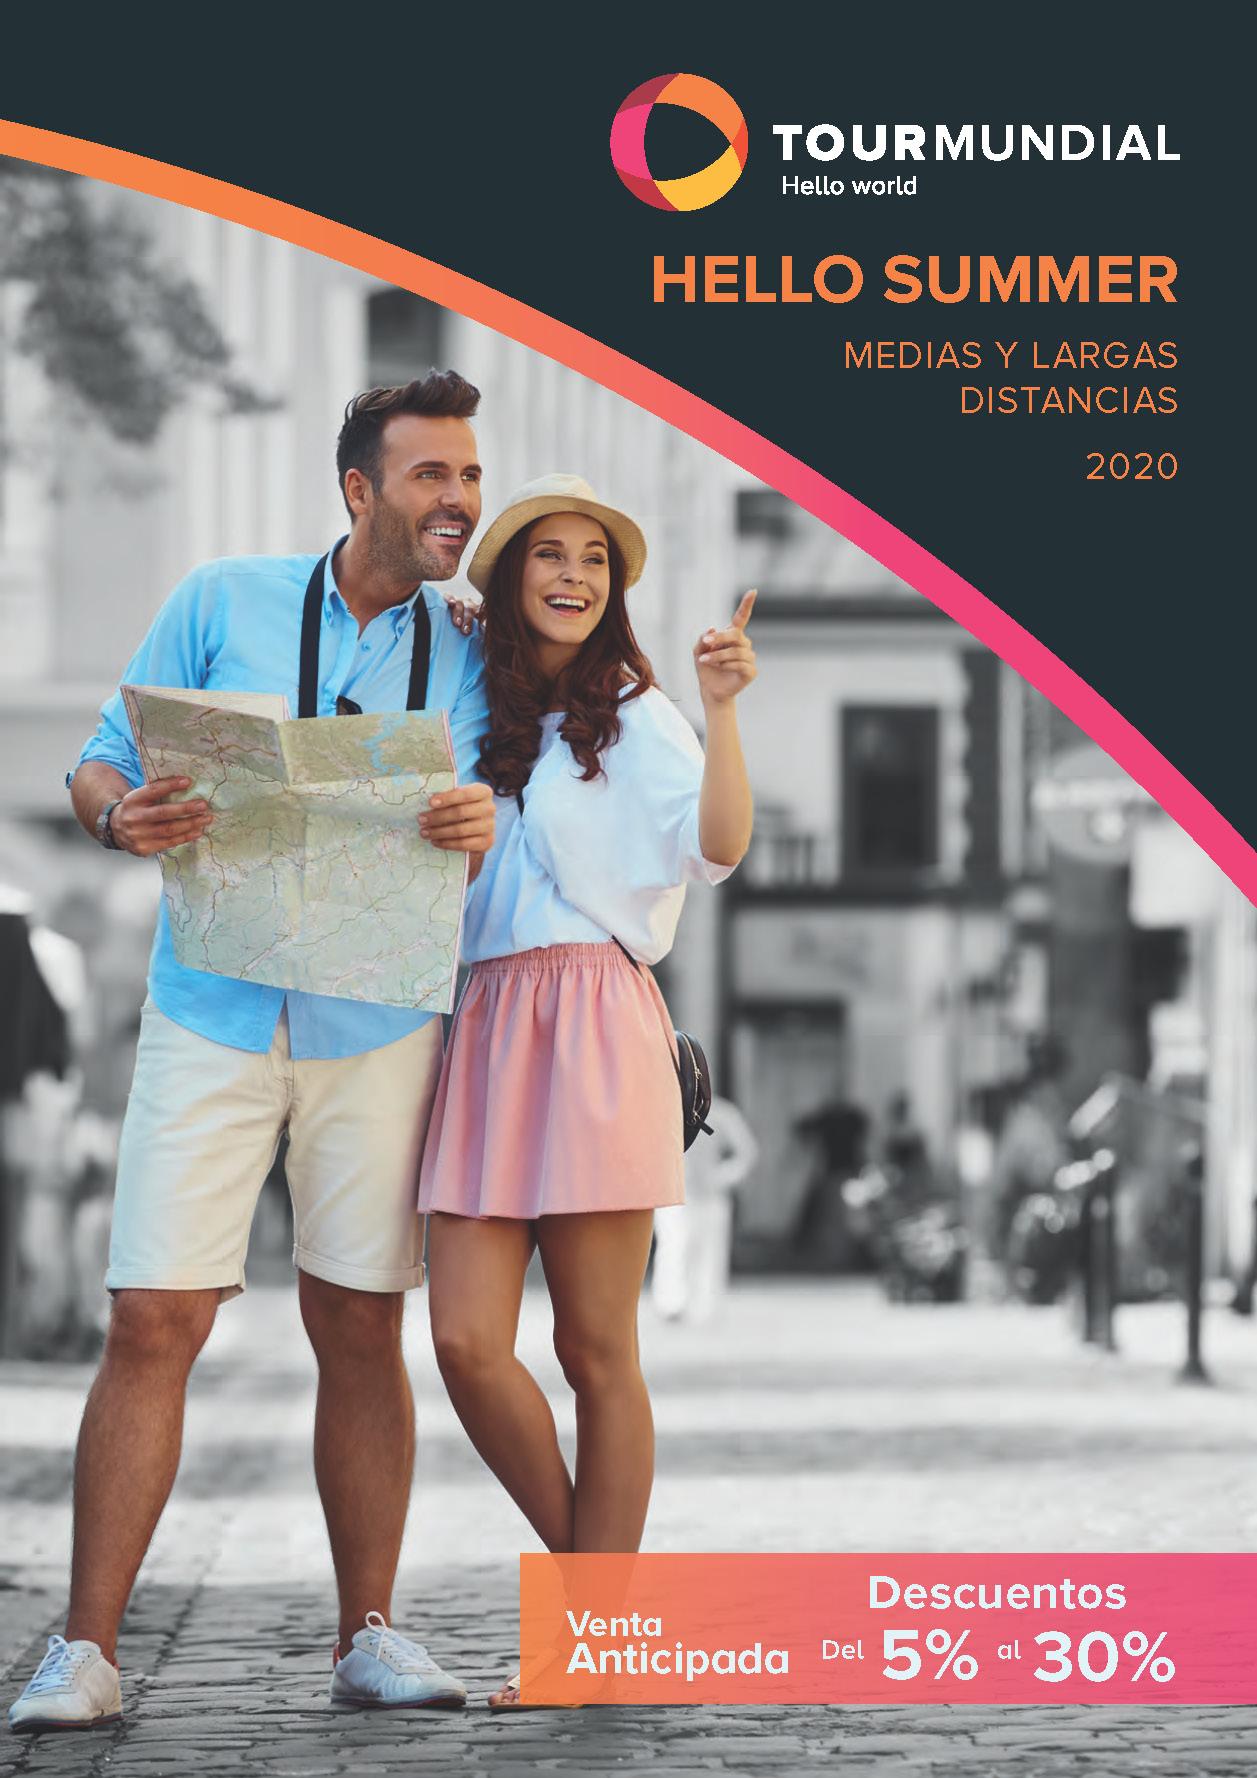 Catalogo Tourmundial Hello Summer Venta Anticipada 2020